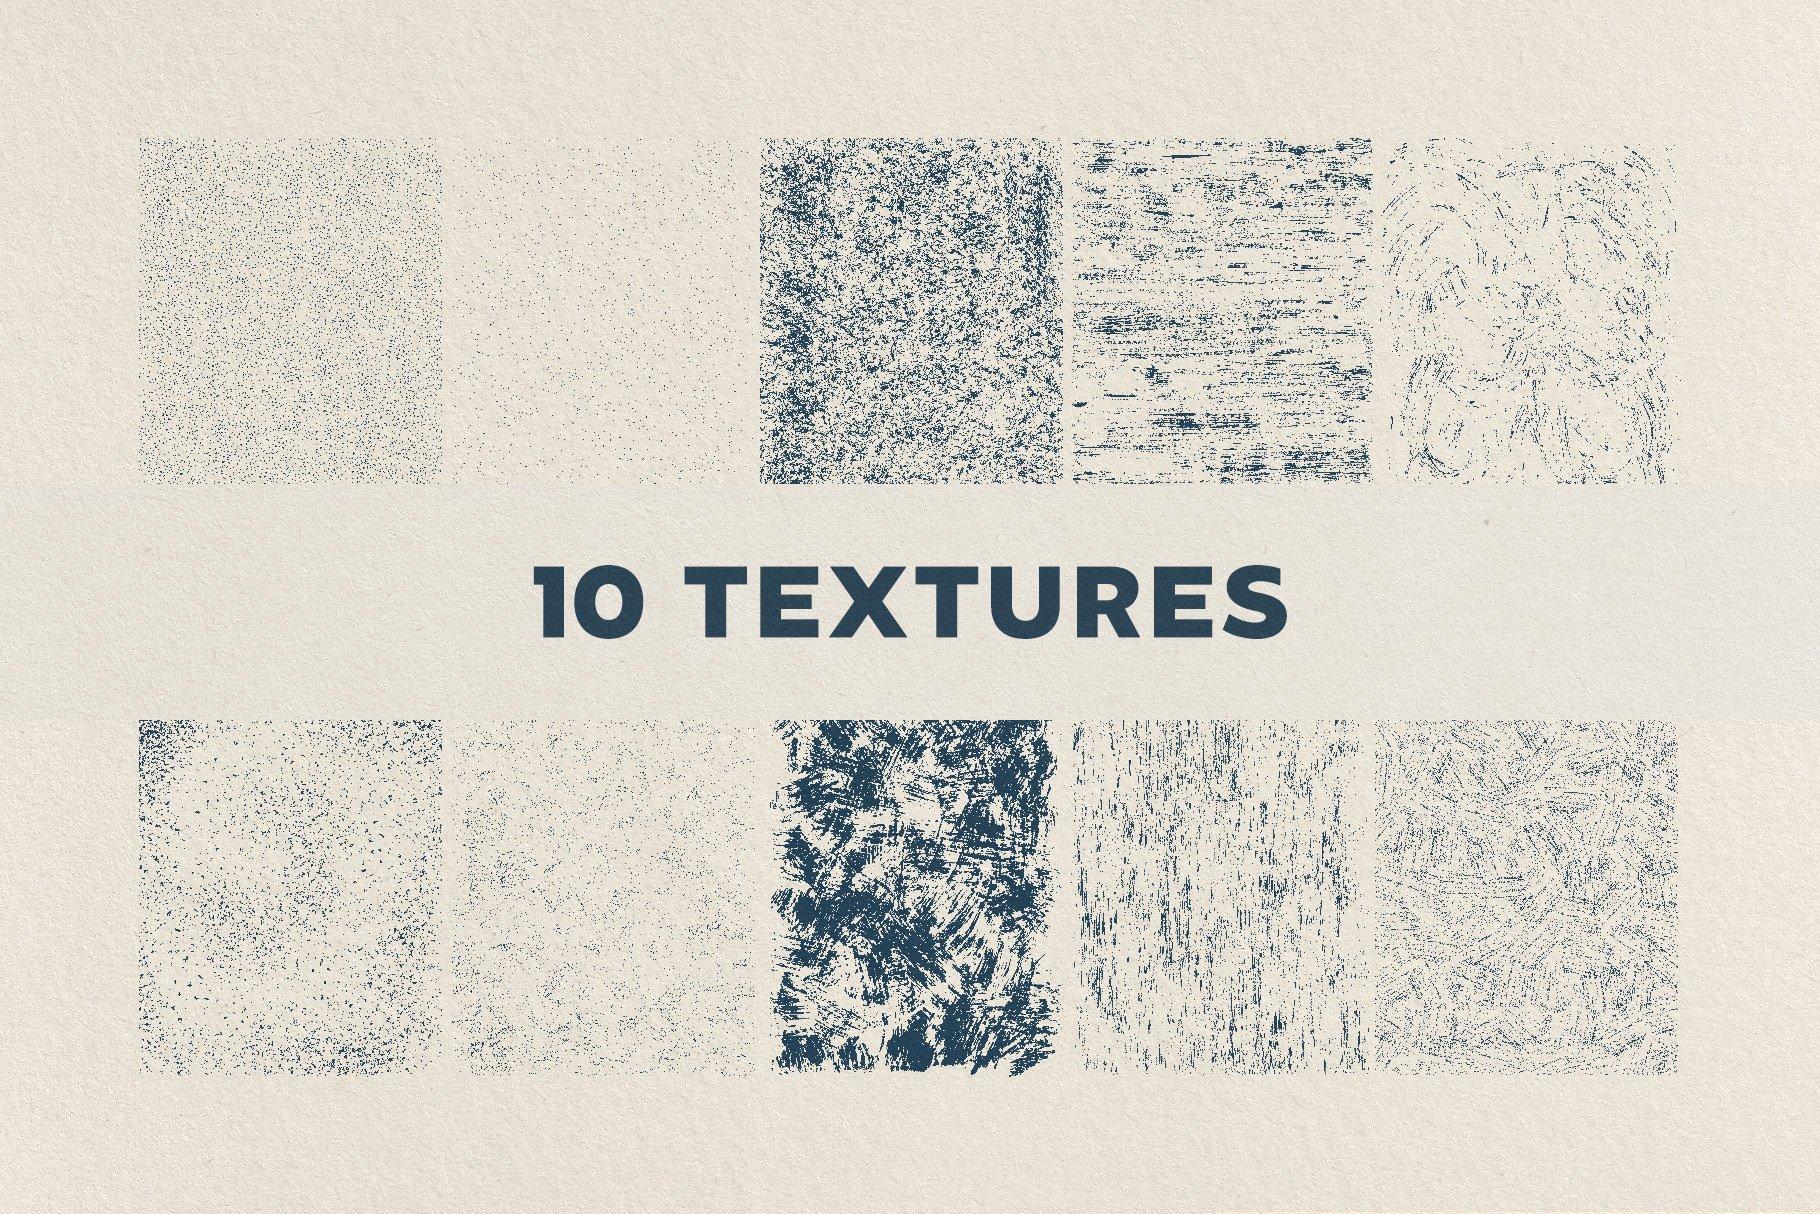 9 textures bonus 10